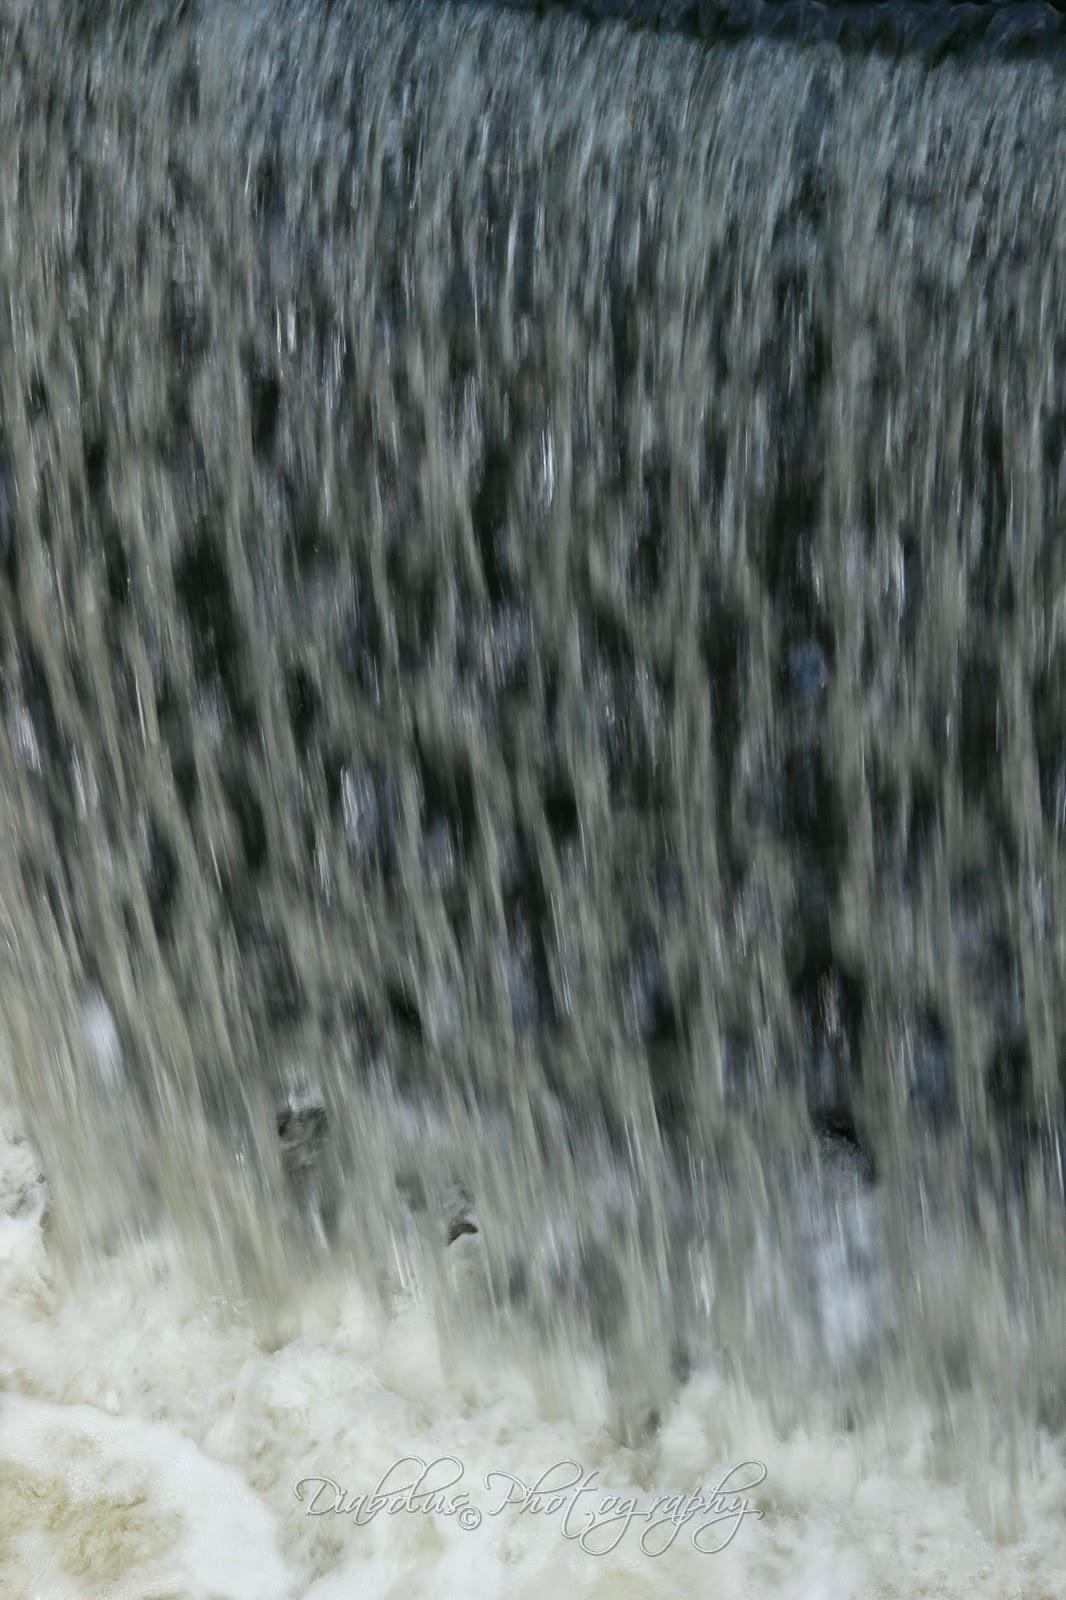 Jez ve Skalickém přístavišti/The Weir in Skalica Wharf